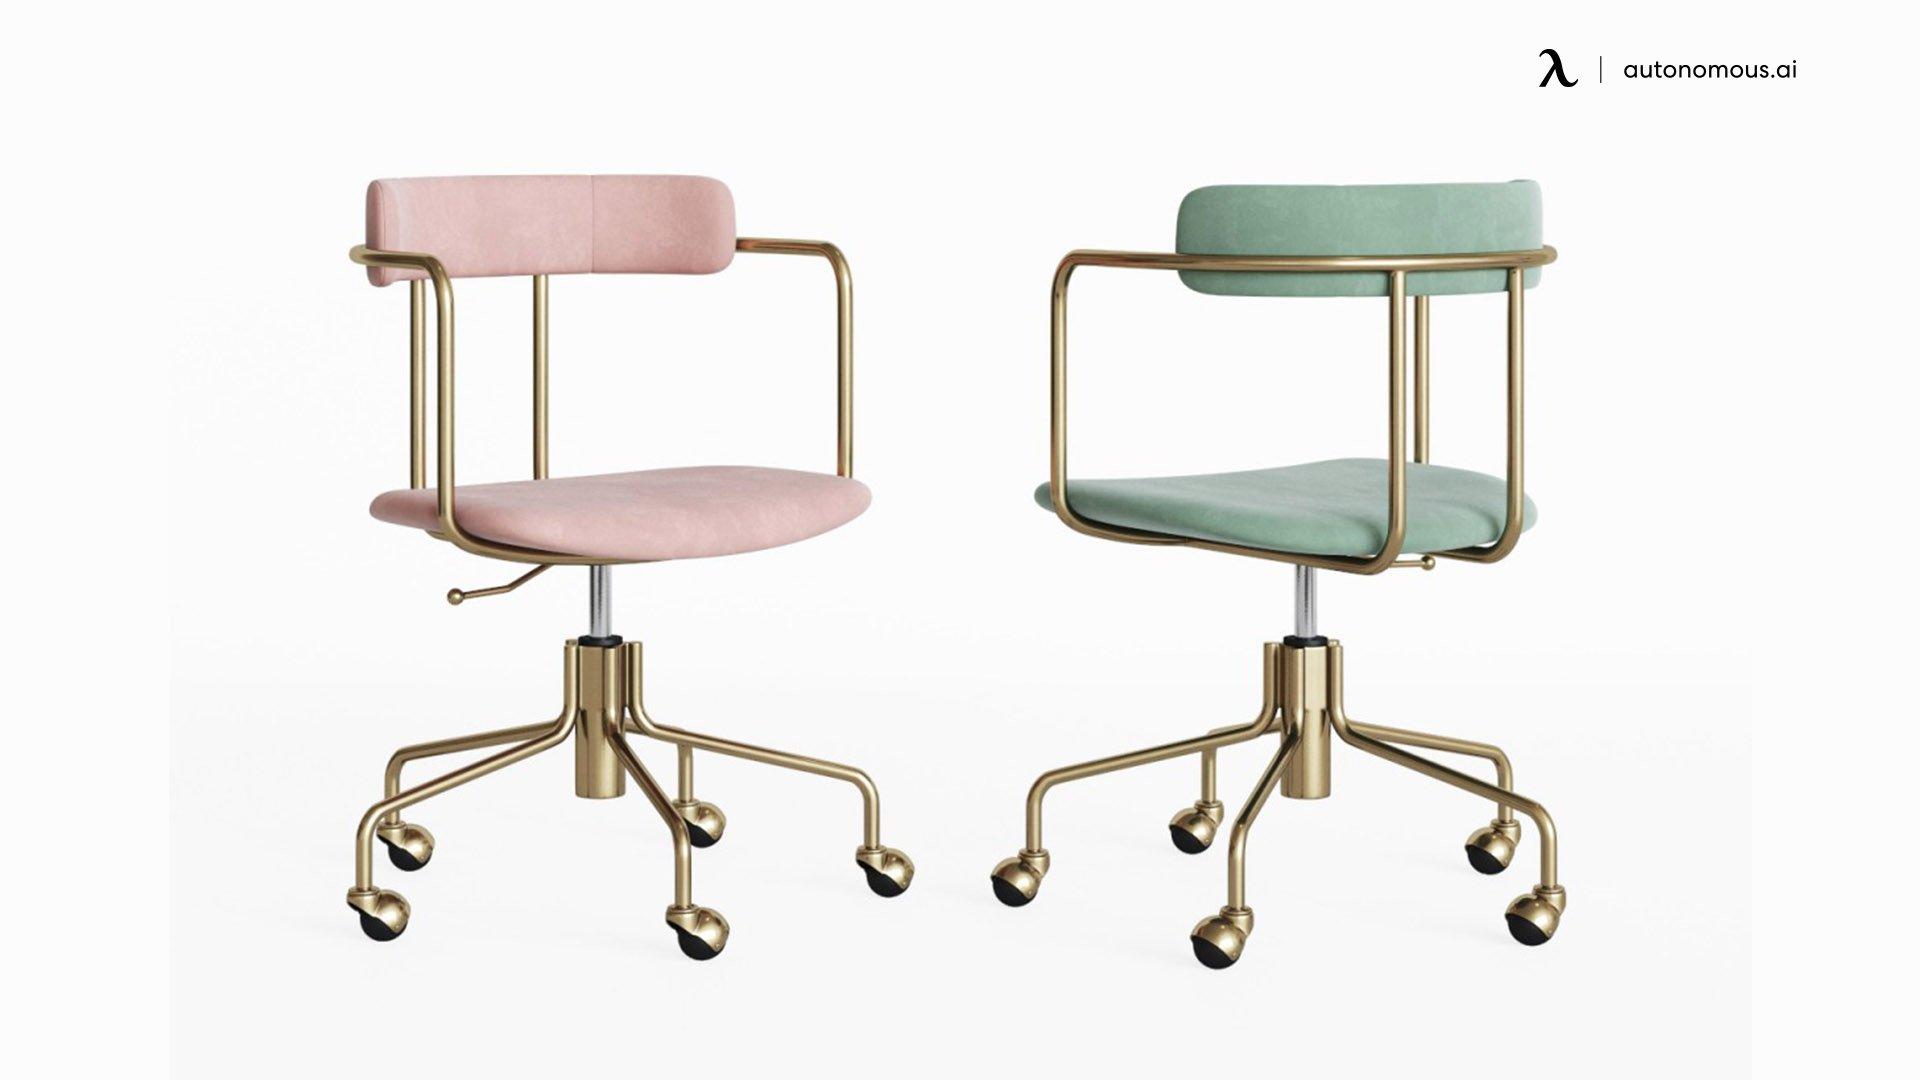 Lenox office swivel Chair